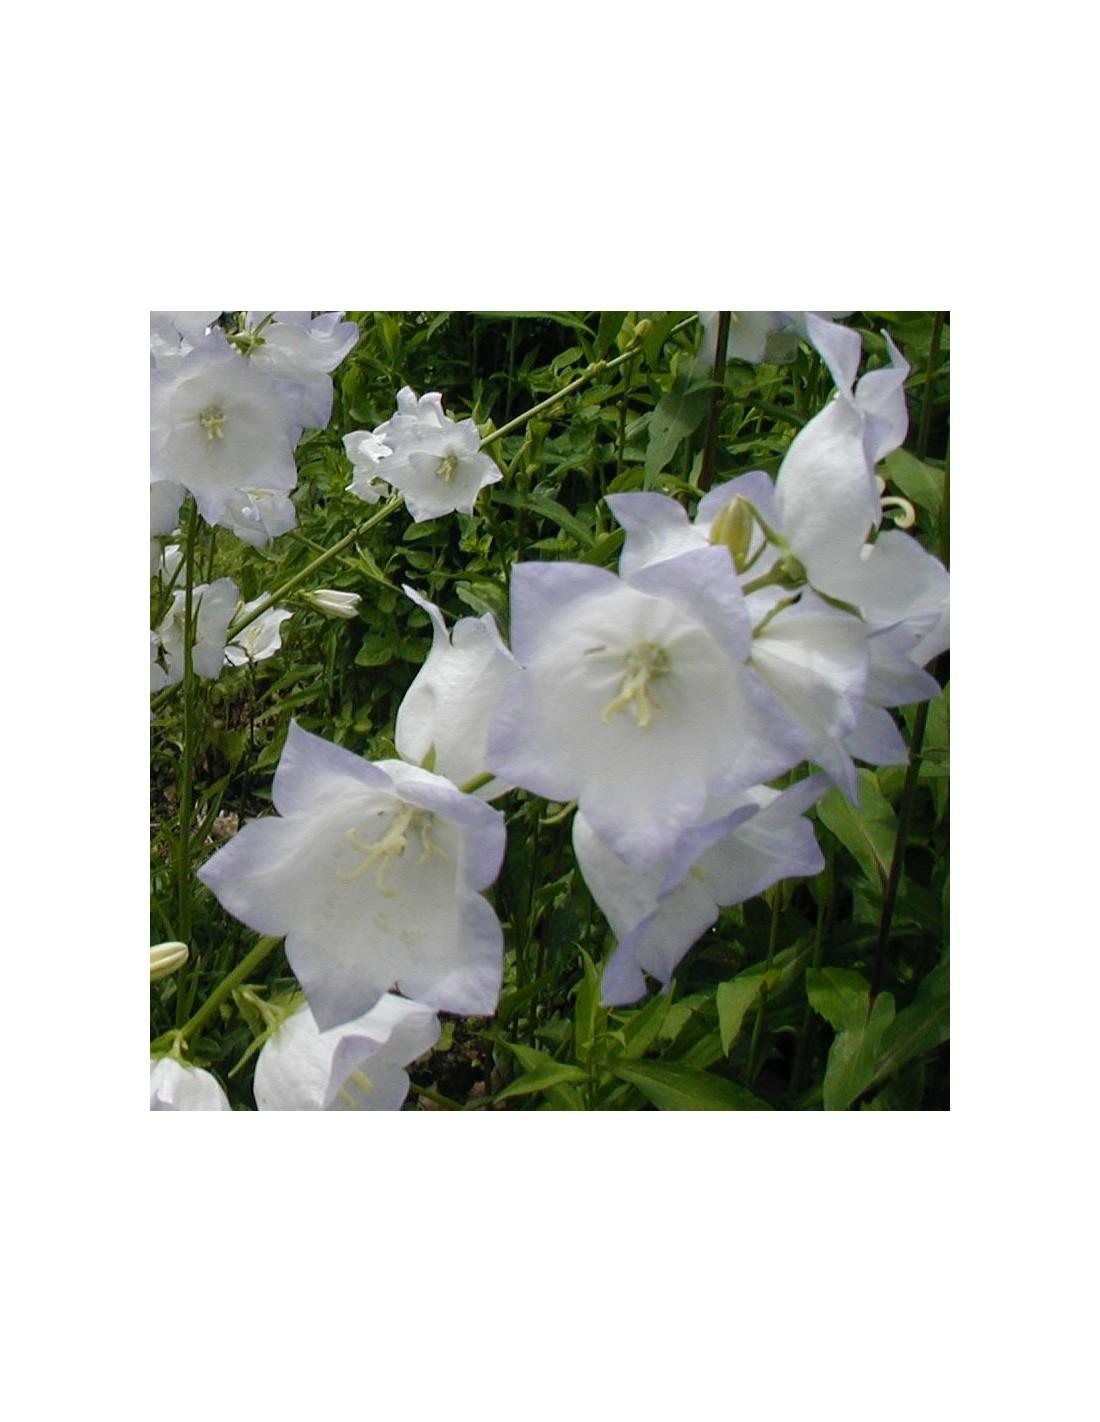 Campanule blanche feuilles de p cher les jardins d 39 hauti re - Campanule a feuilles de pecher ...